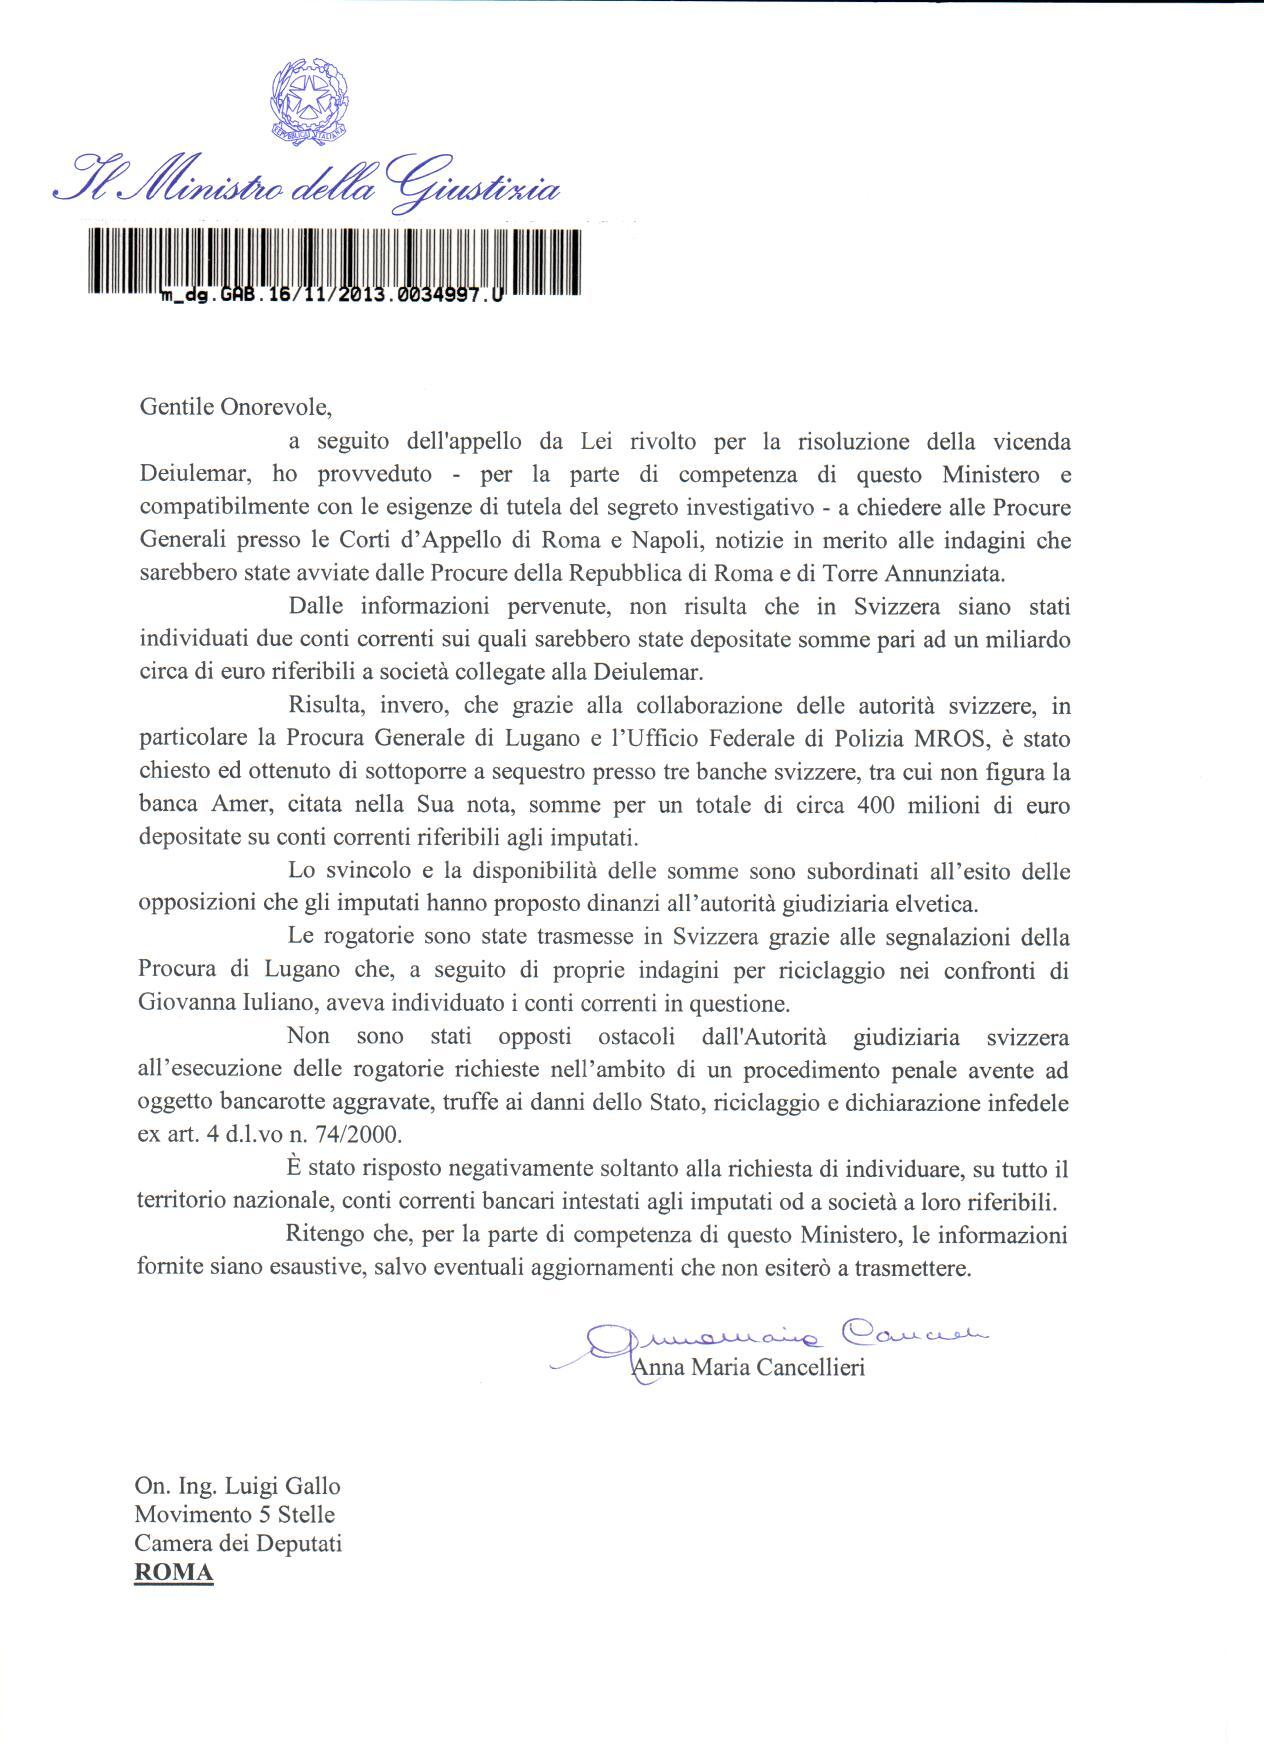 2013_11_19 risposta Cancellieri